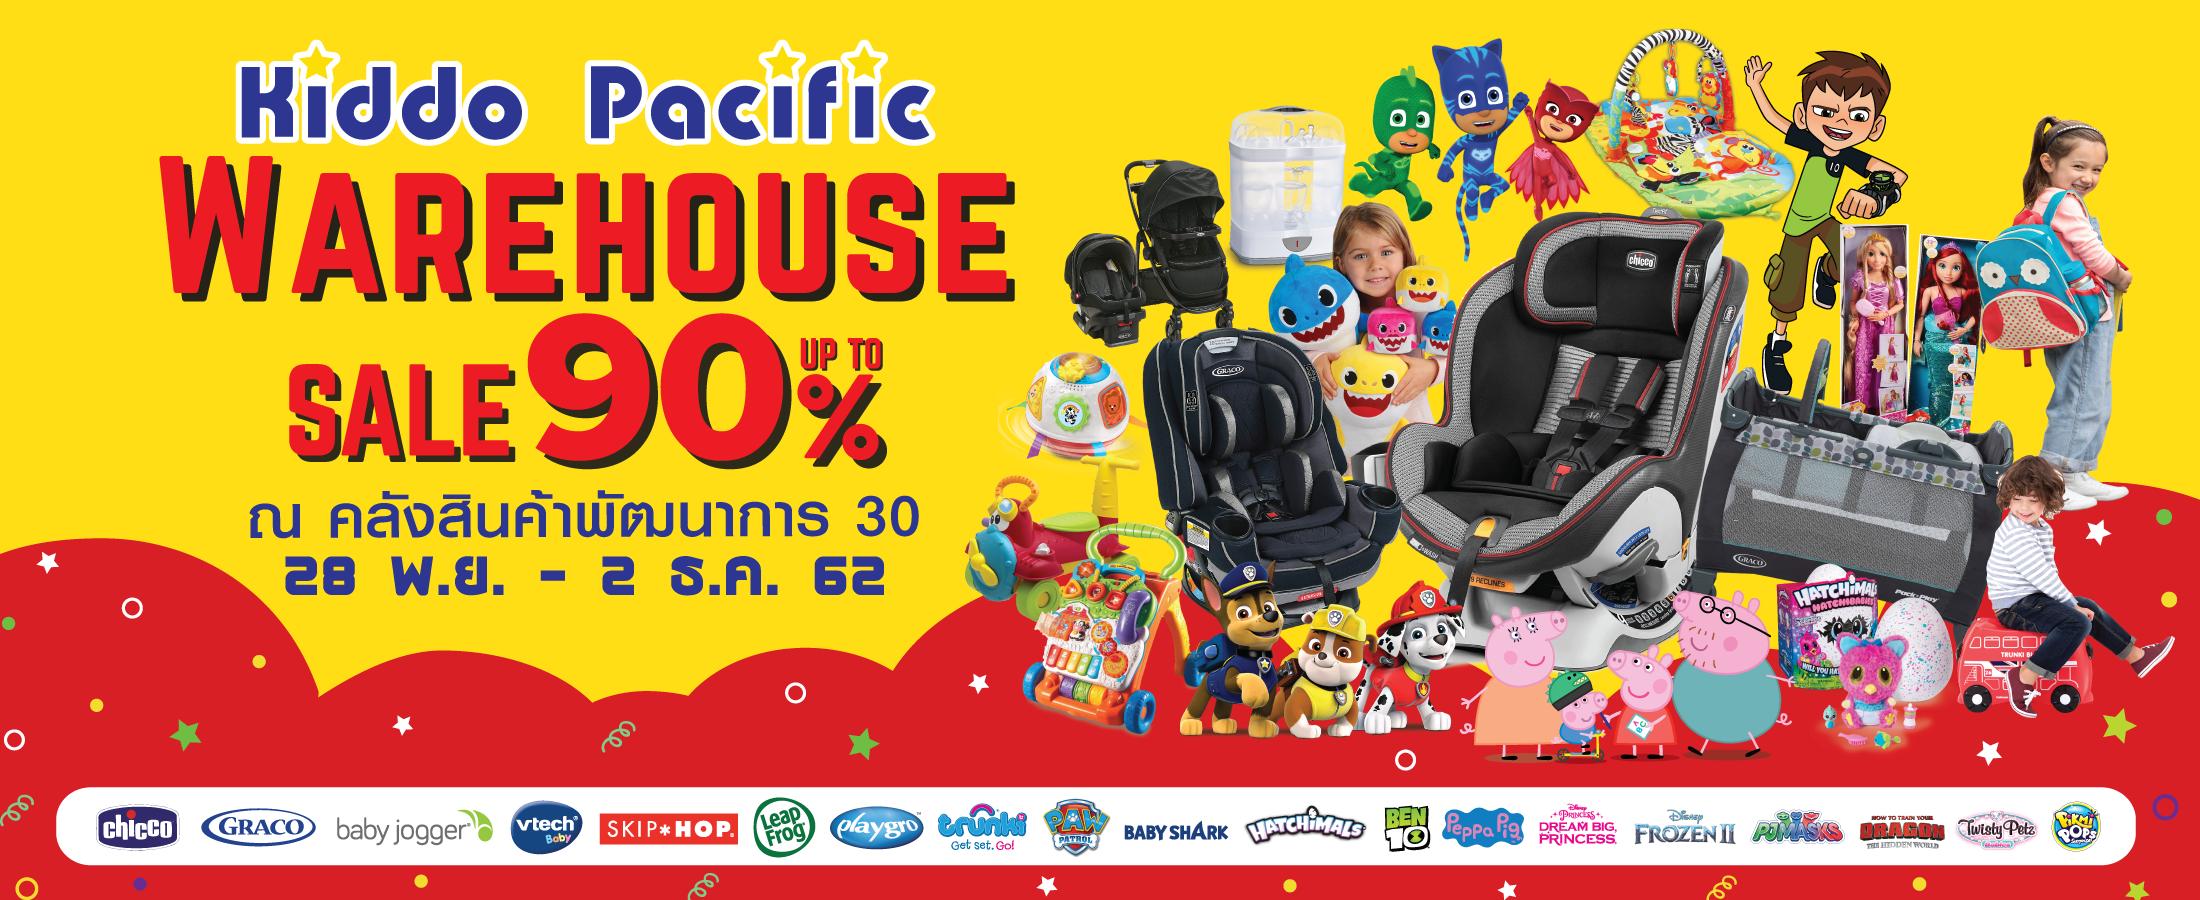 ที่จอดรถ Kiddo Pacific Warehouse Sale 2019 ณวันที่ 28พฤศจิกายน-2ธันวาคม